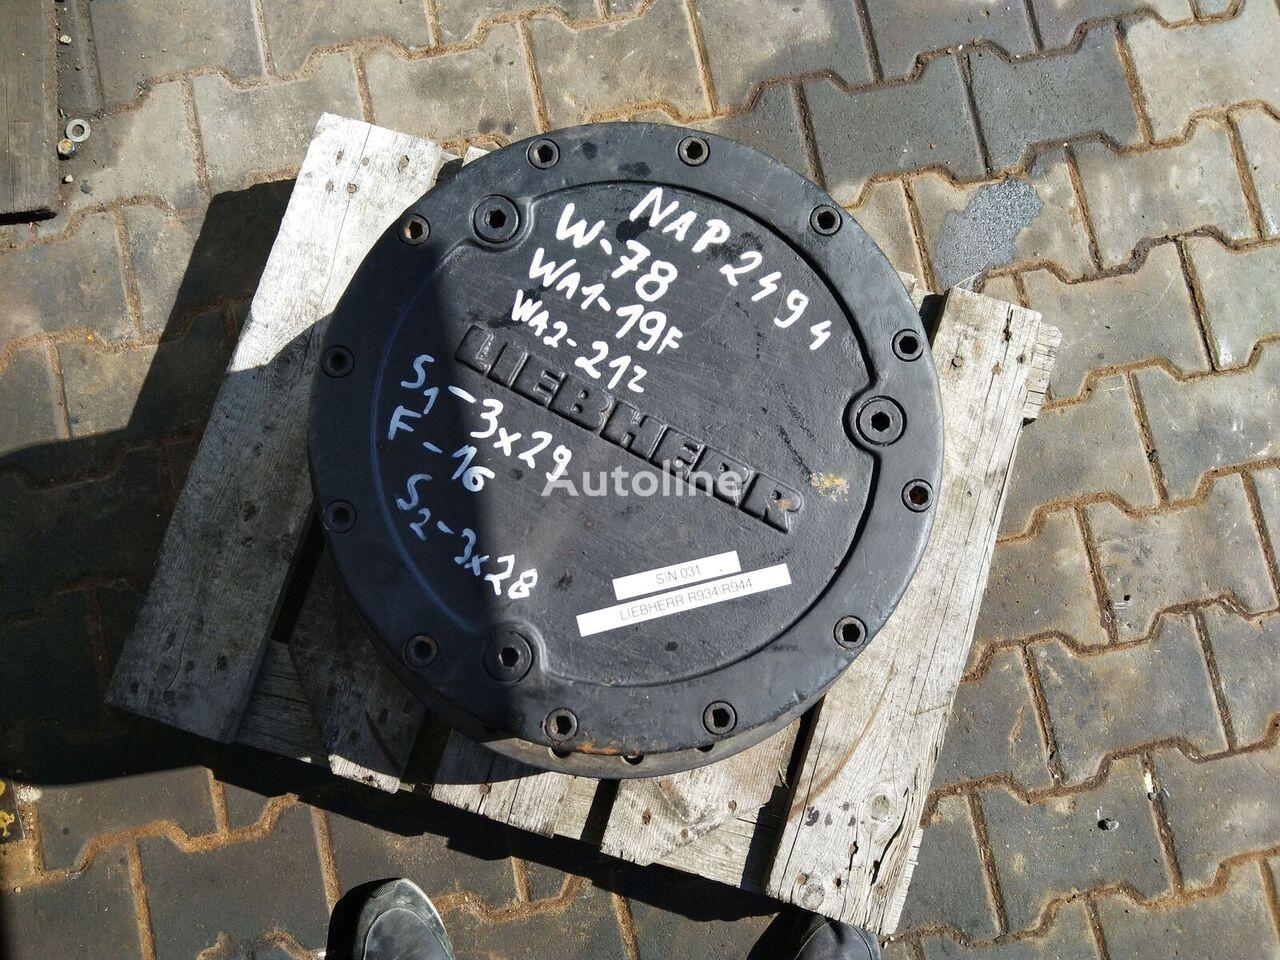 LIEBHERR R934/R944 [W-78 S1-3×29 S2-3×28] final drive for LIEBHERR excavator